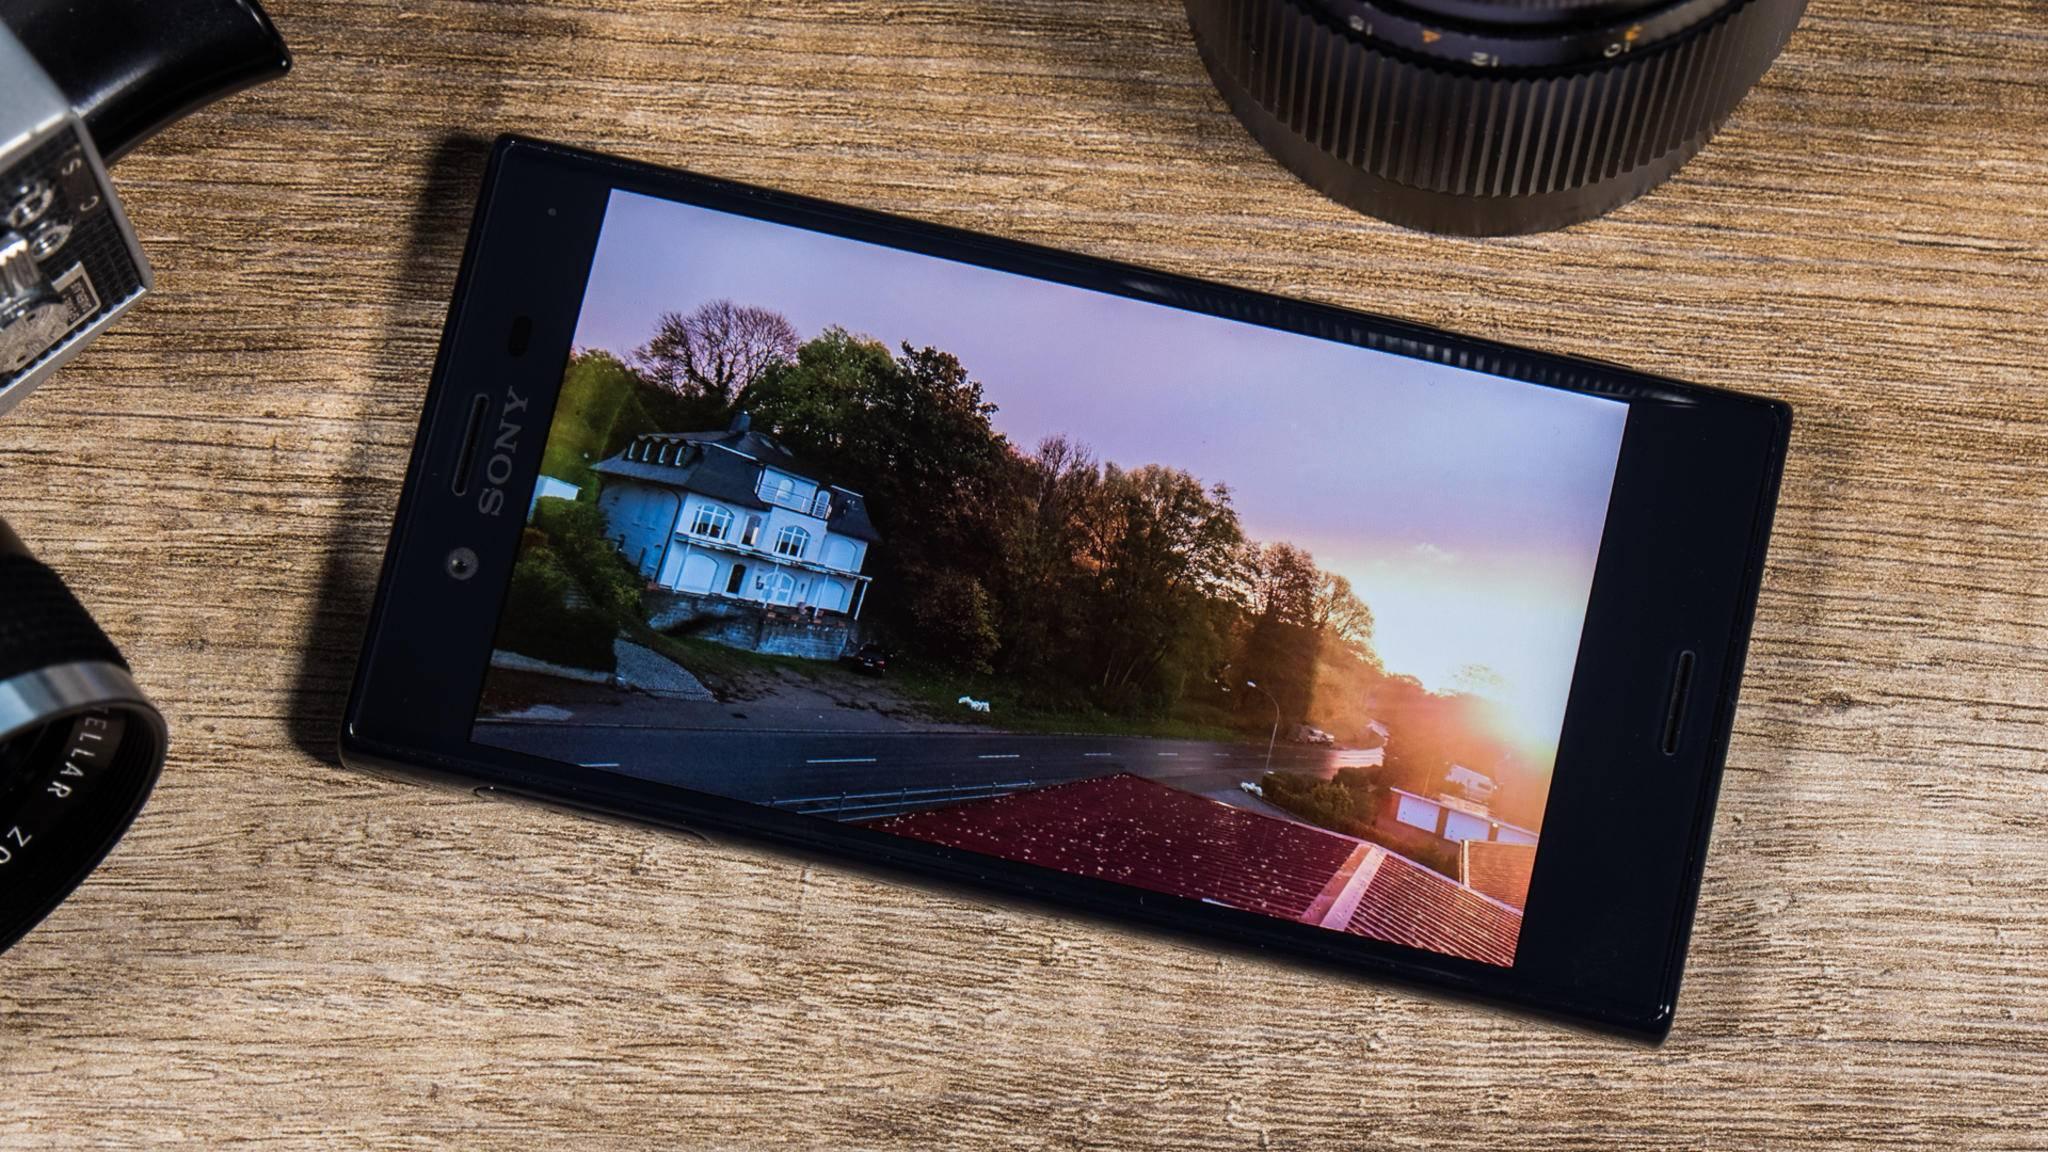 Das Xperia X Compact geht mit guter Kamera und starker Akkulaufzeit auf Kundenfang.